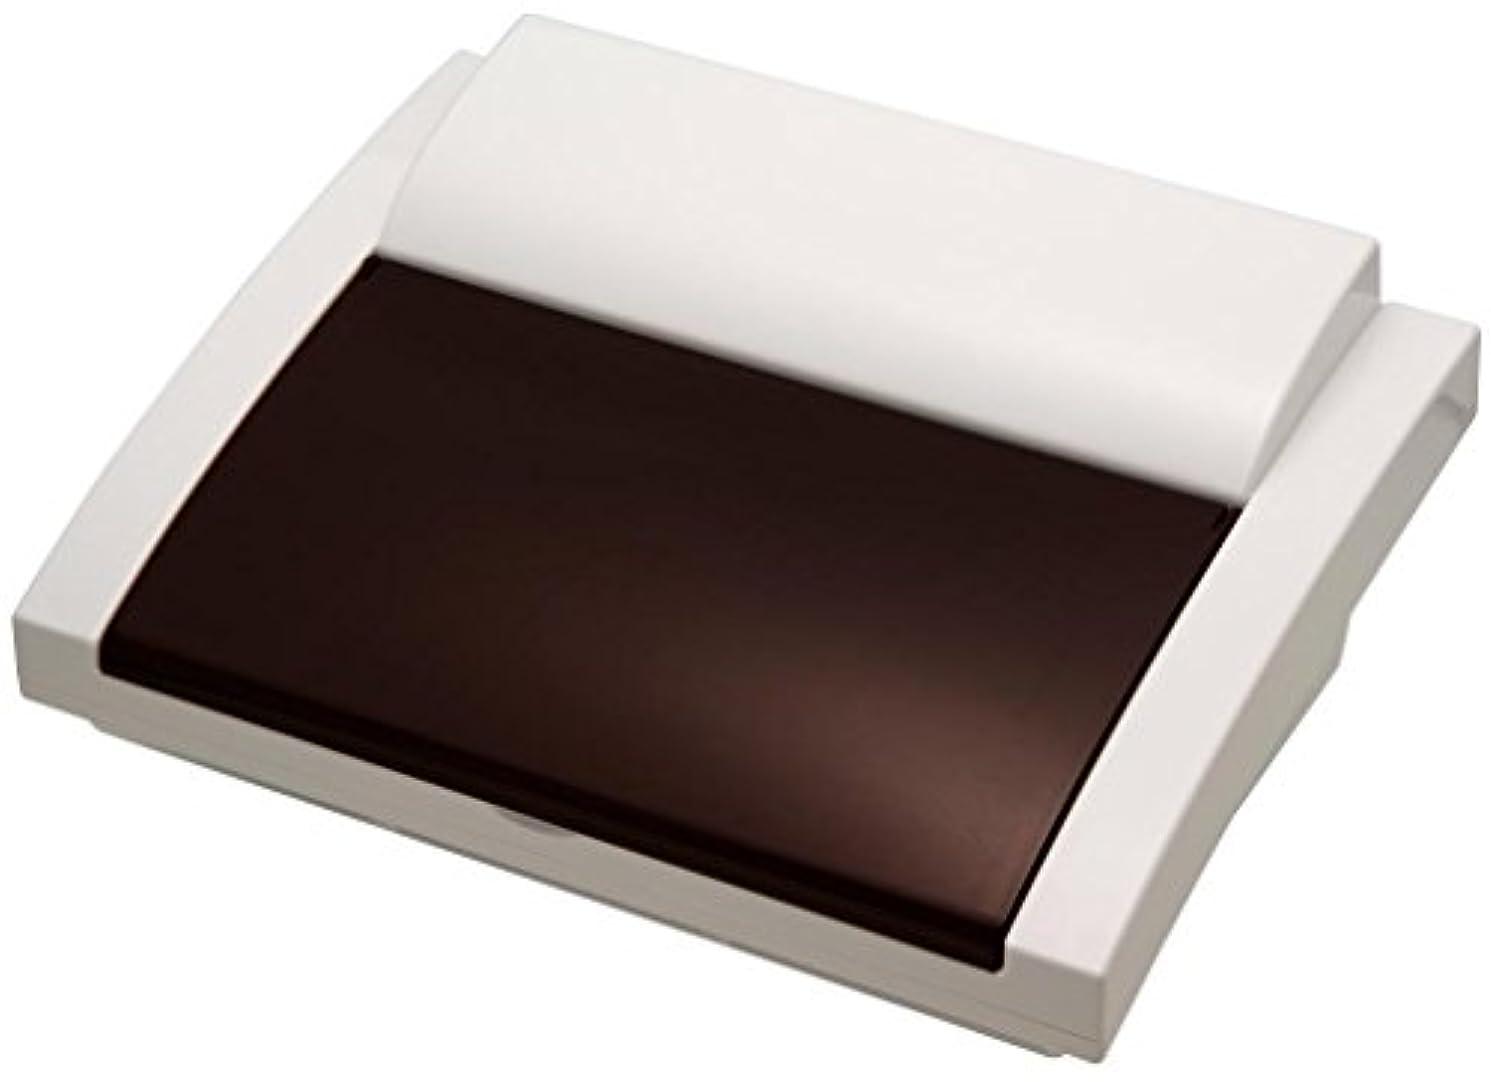 啓発する組立残高ステアライザー(ステリライザー)STERILIZER COMPACT 209C / 紫外線 UV 消毒器 殺菌器